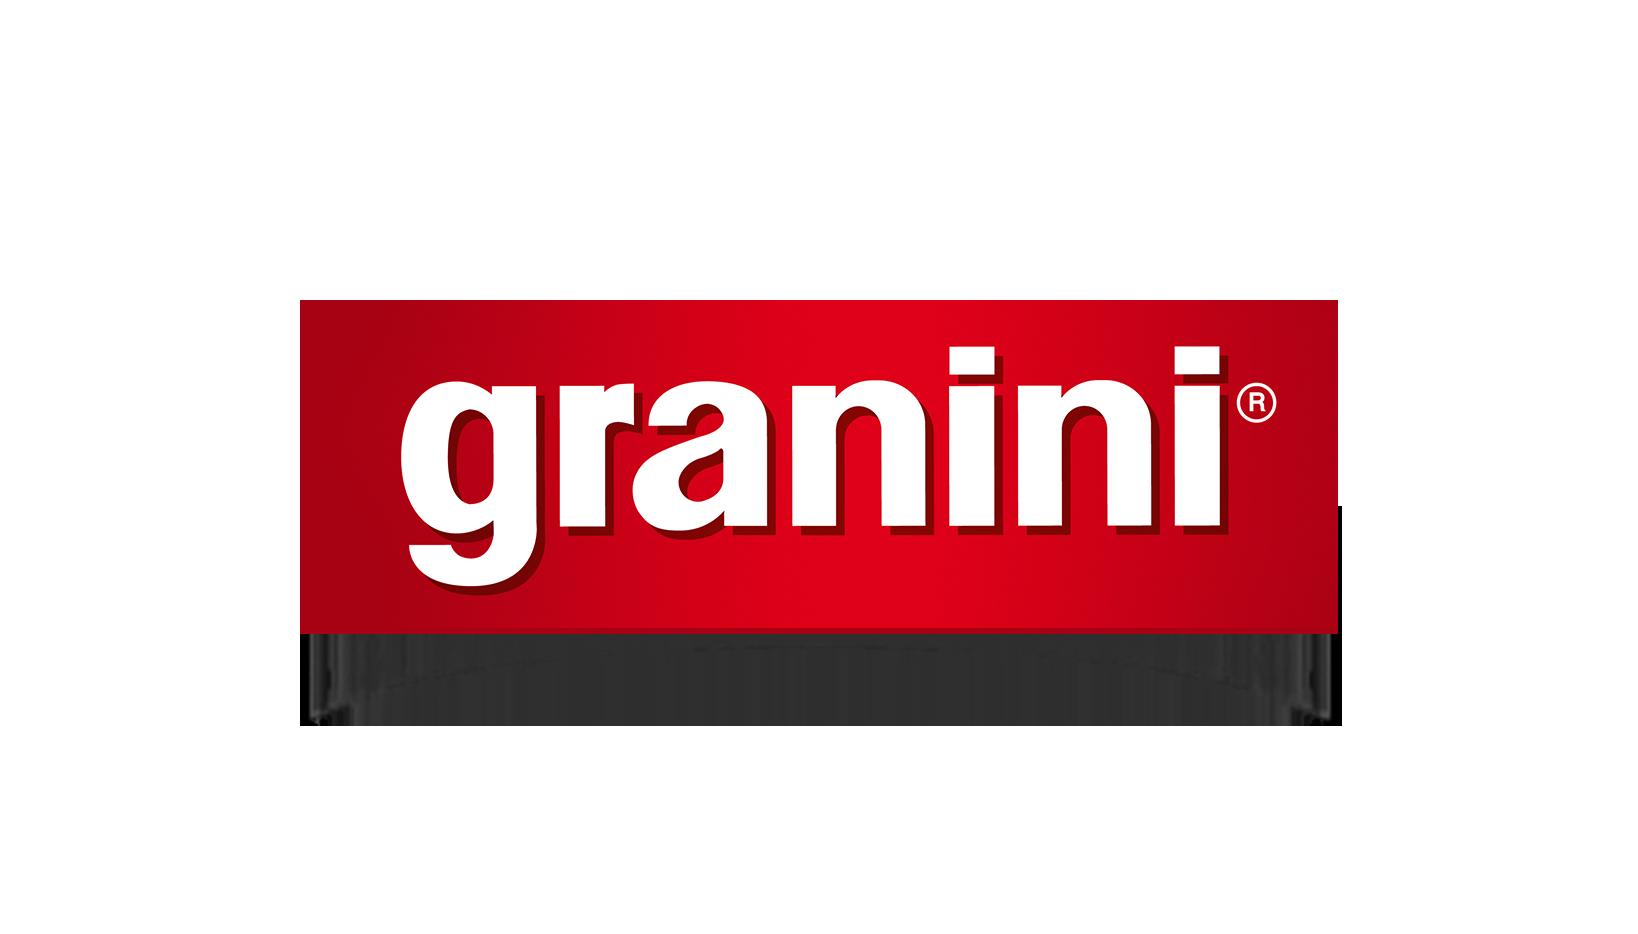 granini_logo_volumen[1]